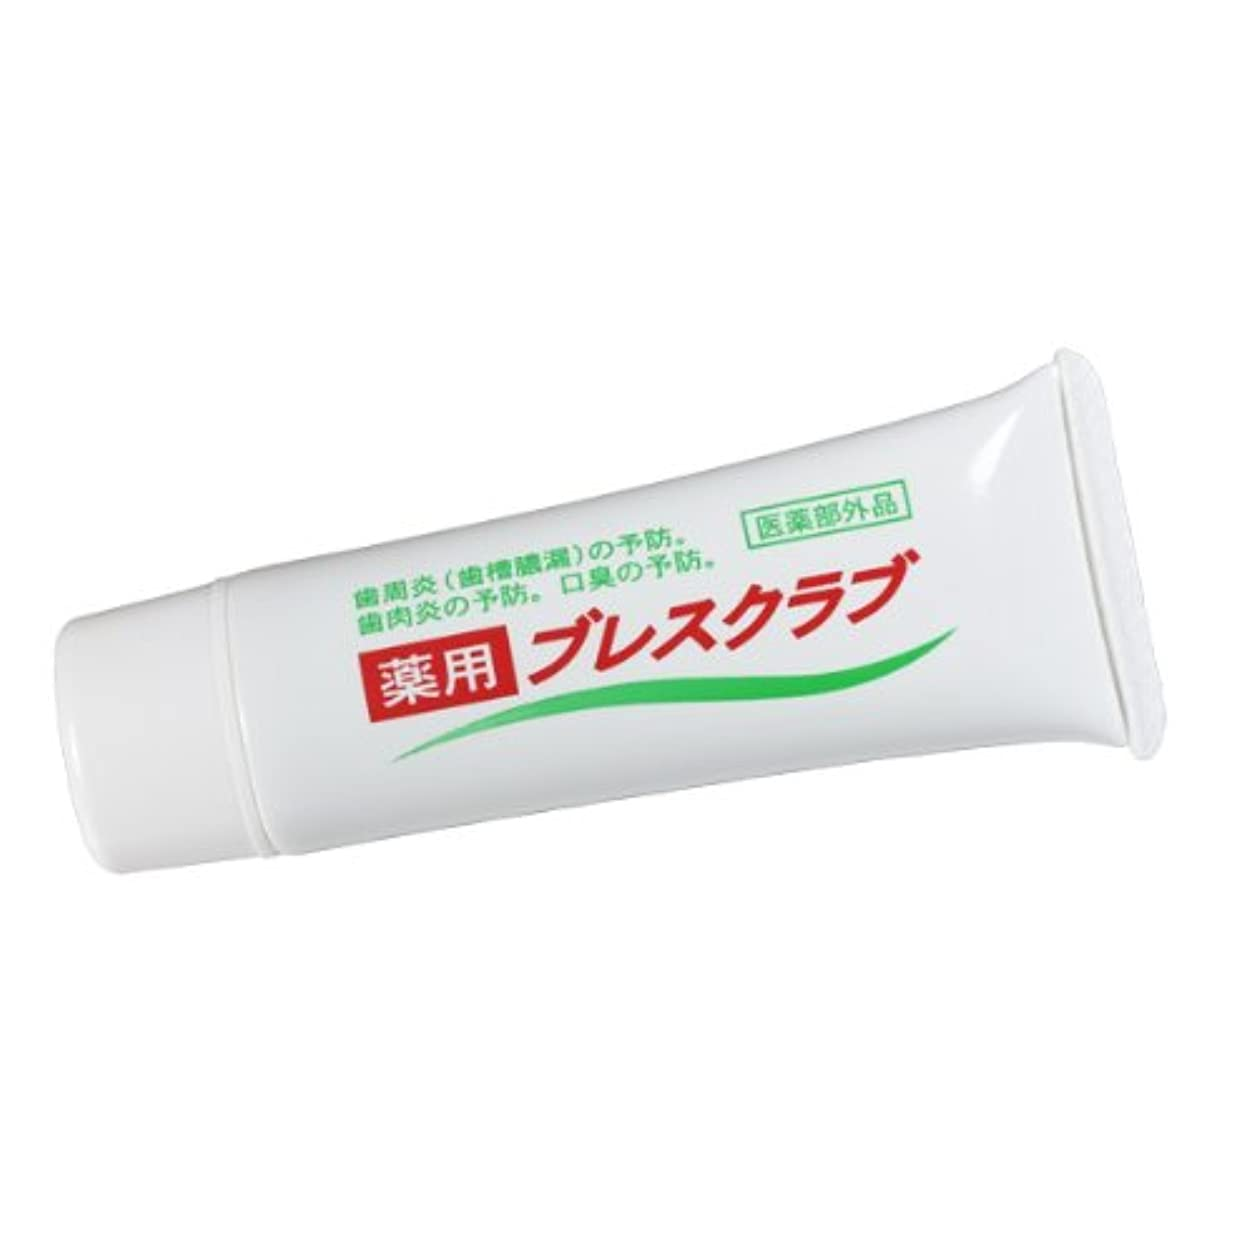 男アリベーカリー薬用ハミガキ ブレスクラブ